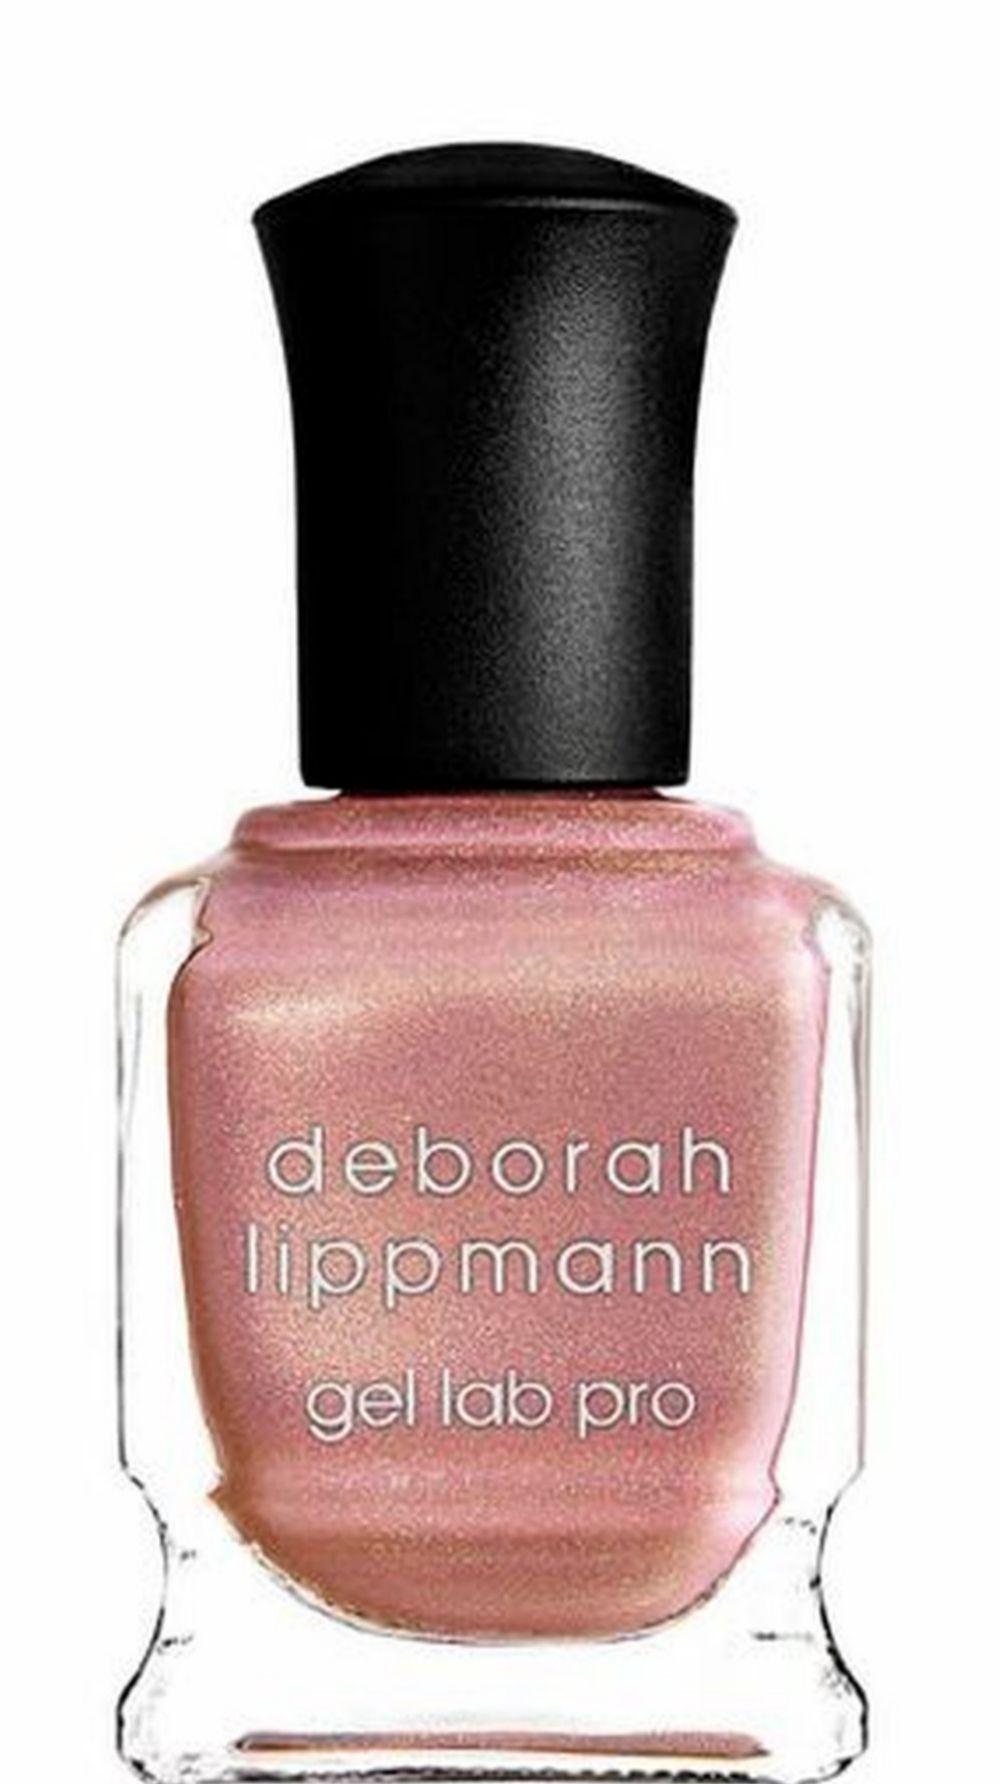 Stargasm, Deborah Lippmann. Con biotina, onagra y fibra de seda (23 euros).